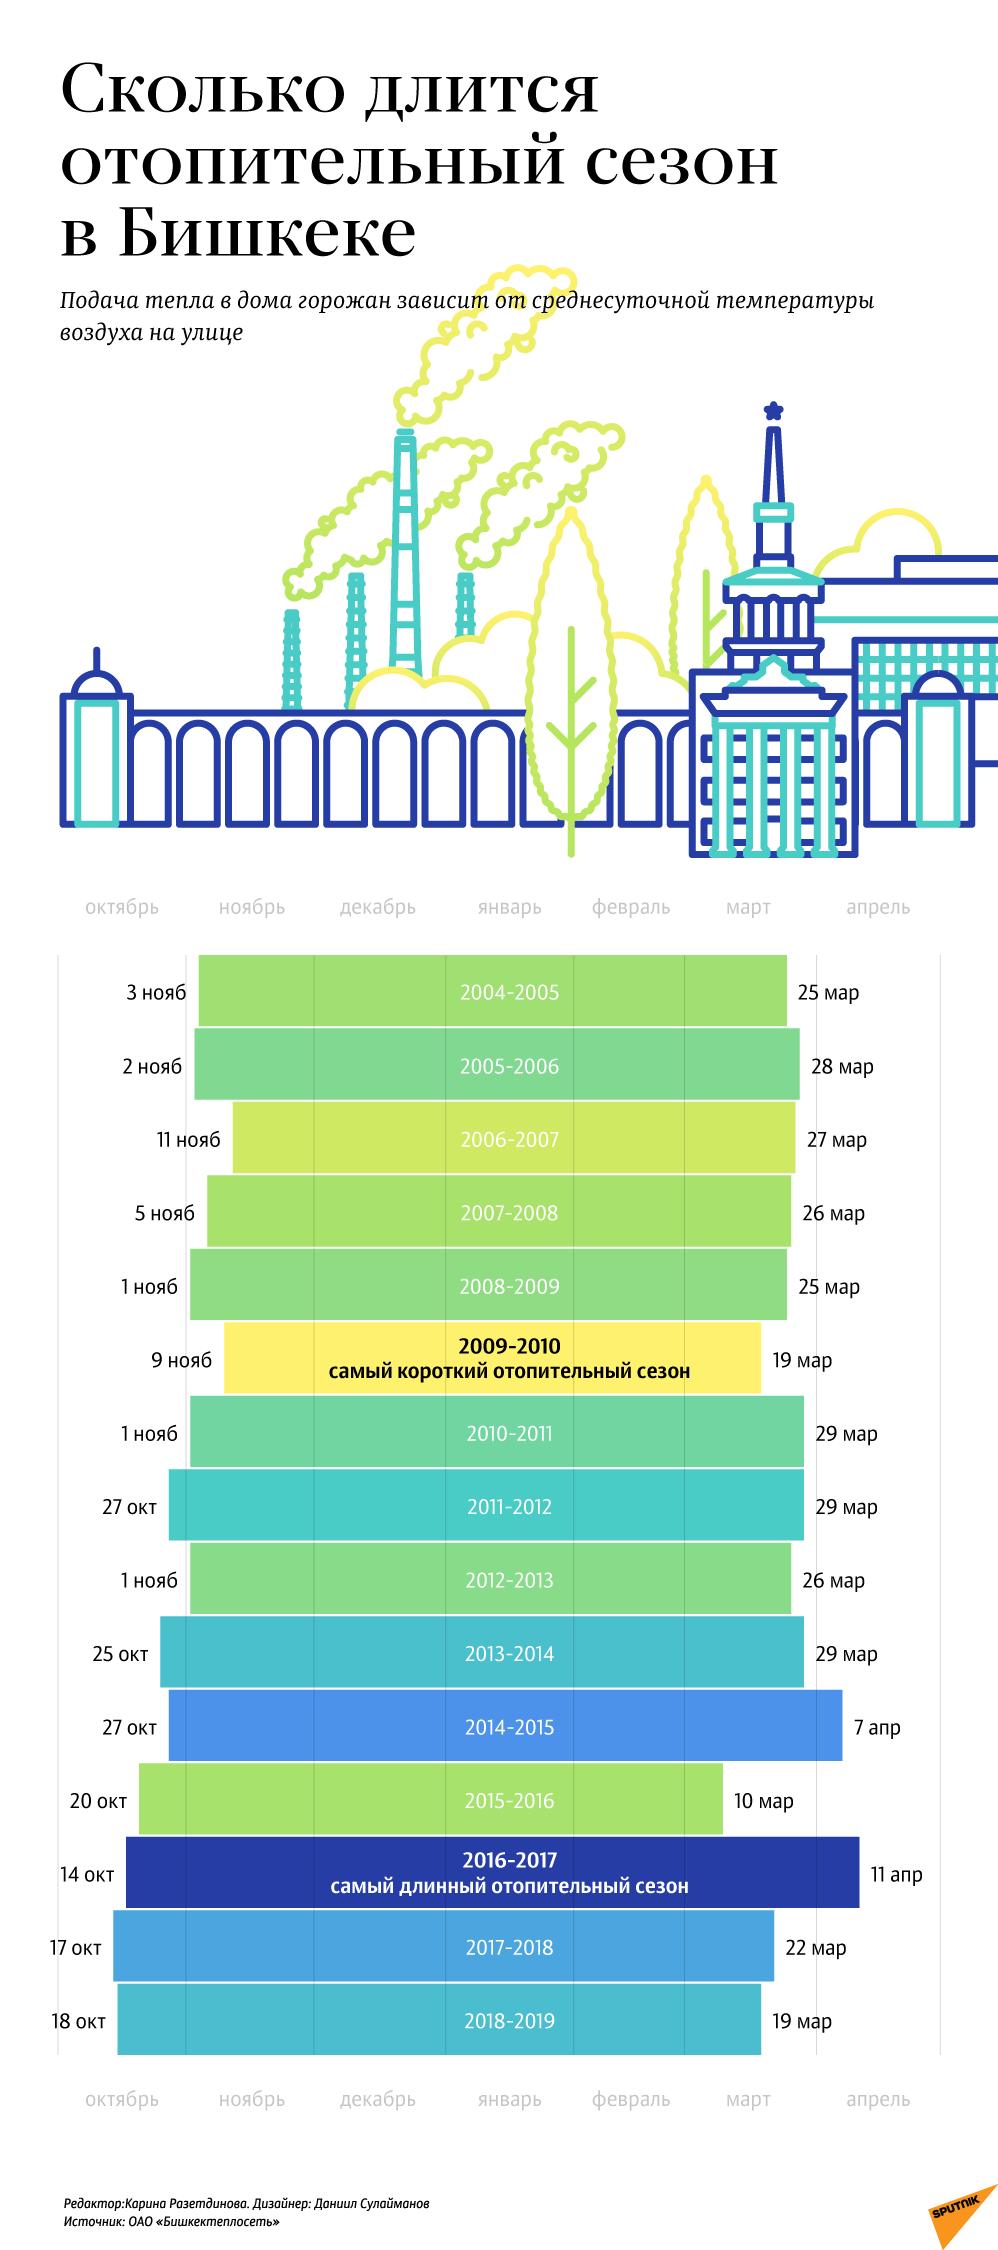 Сколько длится отопительный сезон в Бишкеке